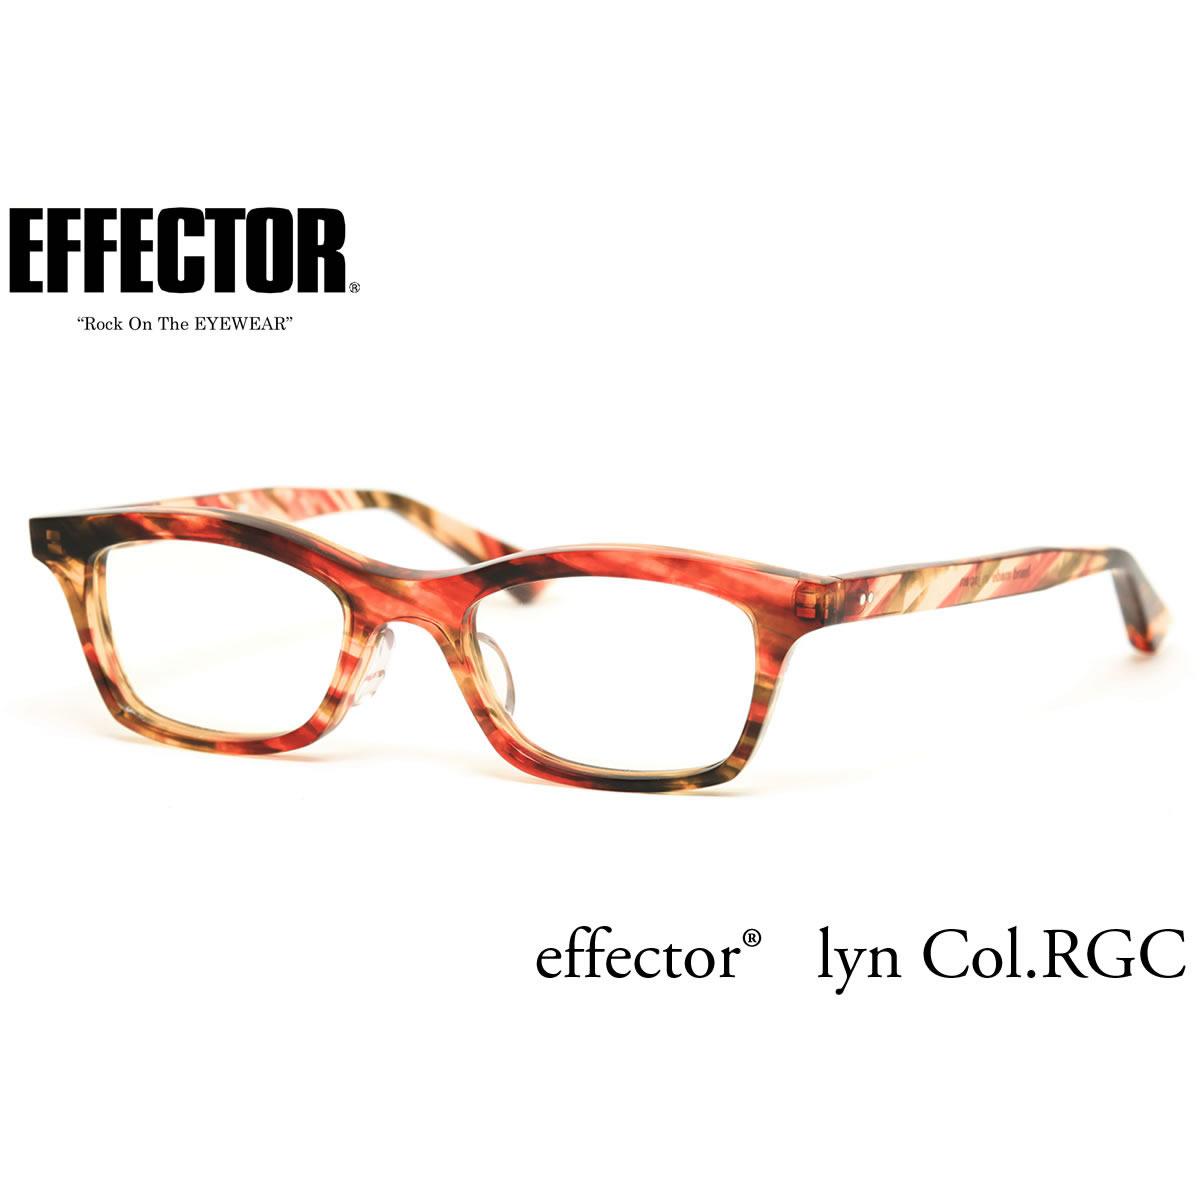 【10月30日からエントリーで全品ポイント20倍】【effector】エフェクター 眼鏡 メガネ フレーム LYN RGC/S 47サイズ エフェクター effector リン UVカット仕様伊達メガネレンズ付 日本製 セルロイド レディース メンズ